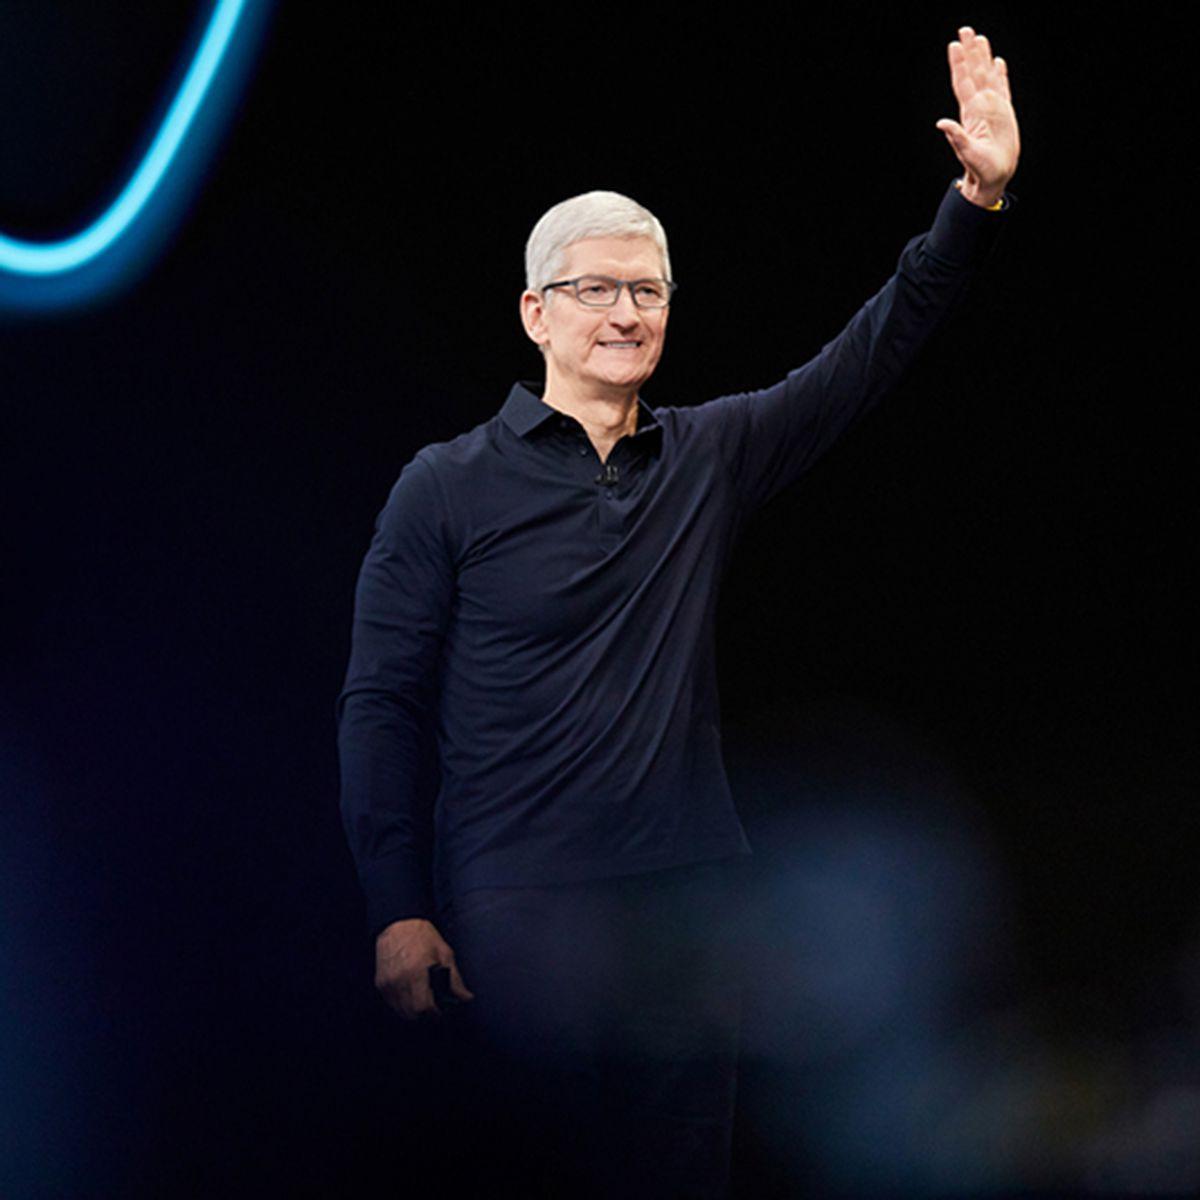 Evento Speciale Apple il 29 Ottobre 2019? - Melablog